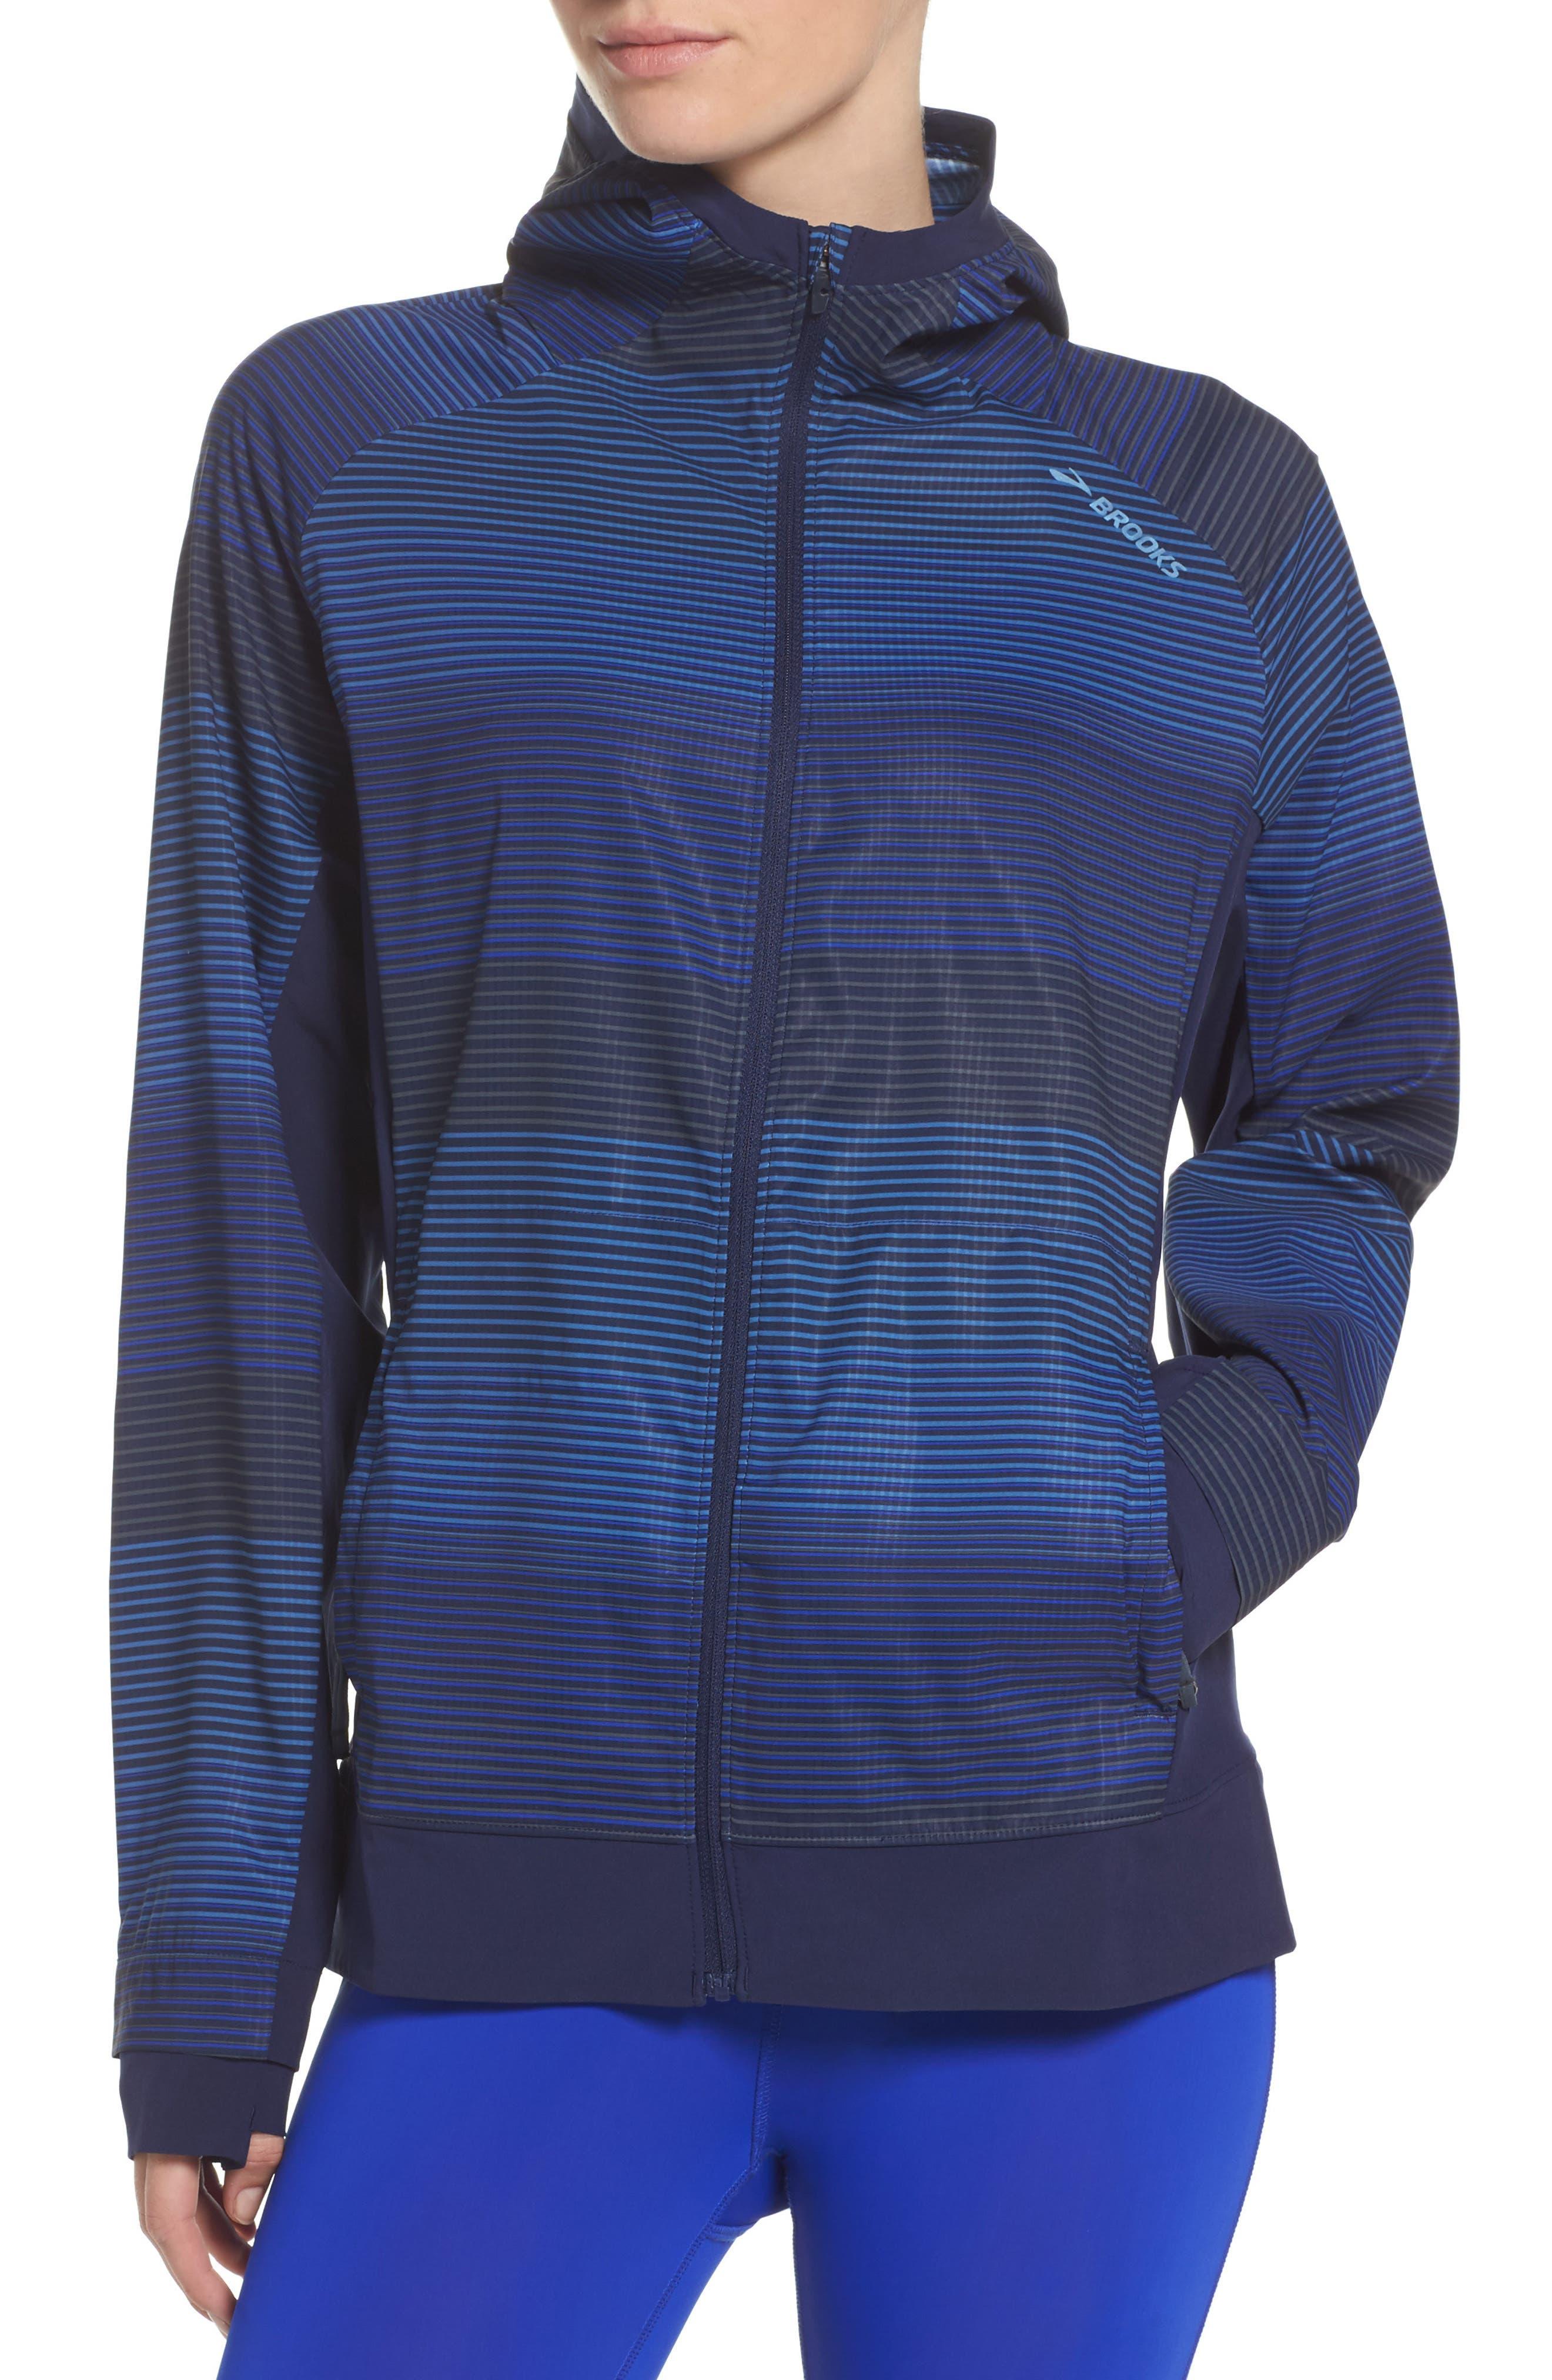 Brooks Canopy SE Reflective Running Jacket